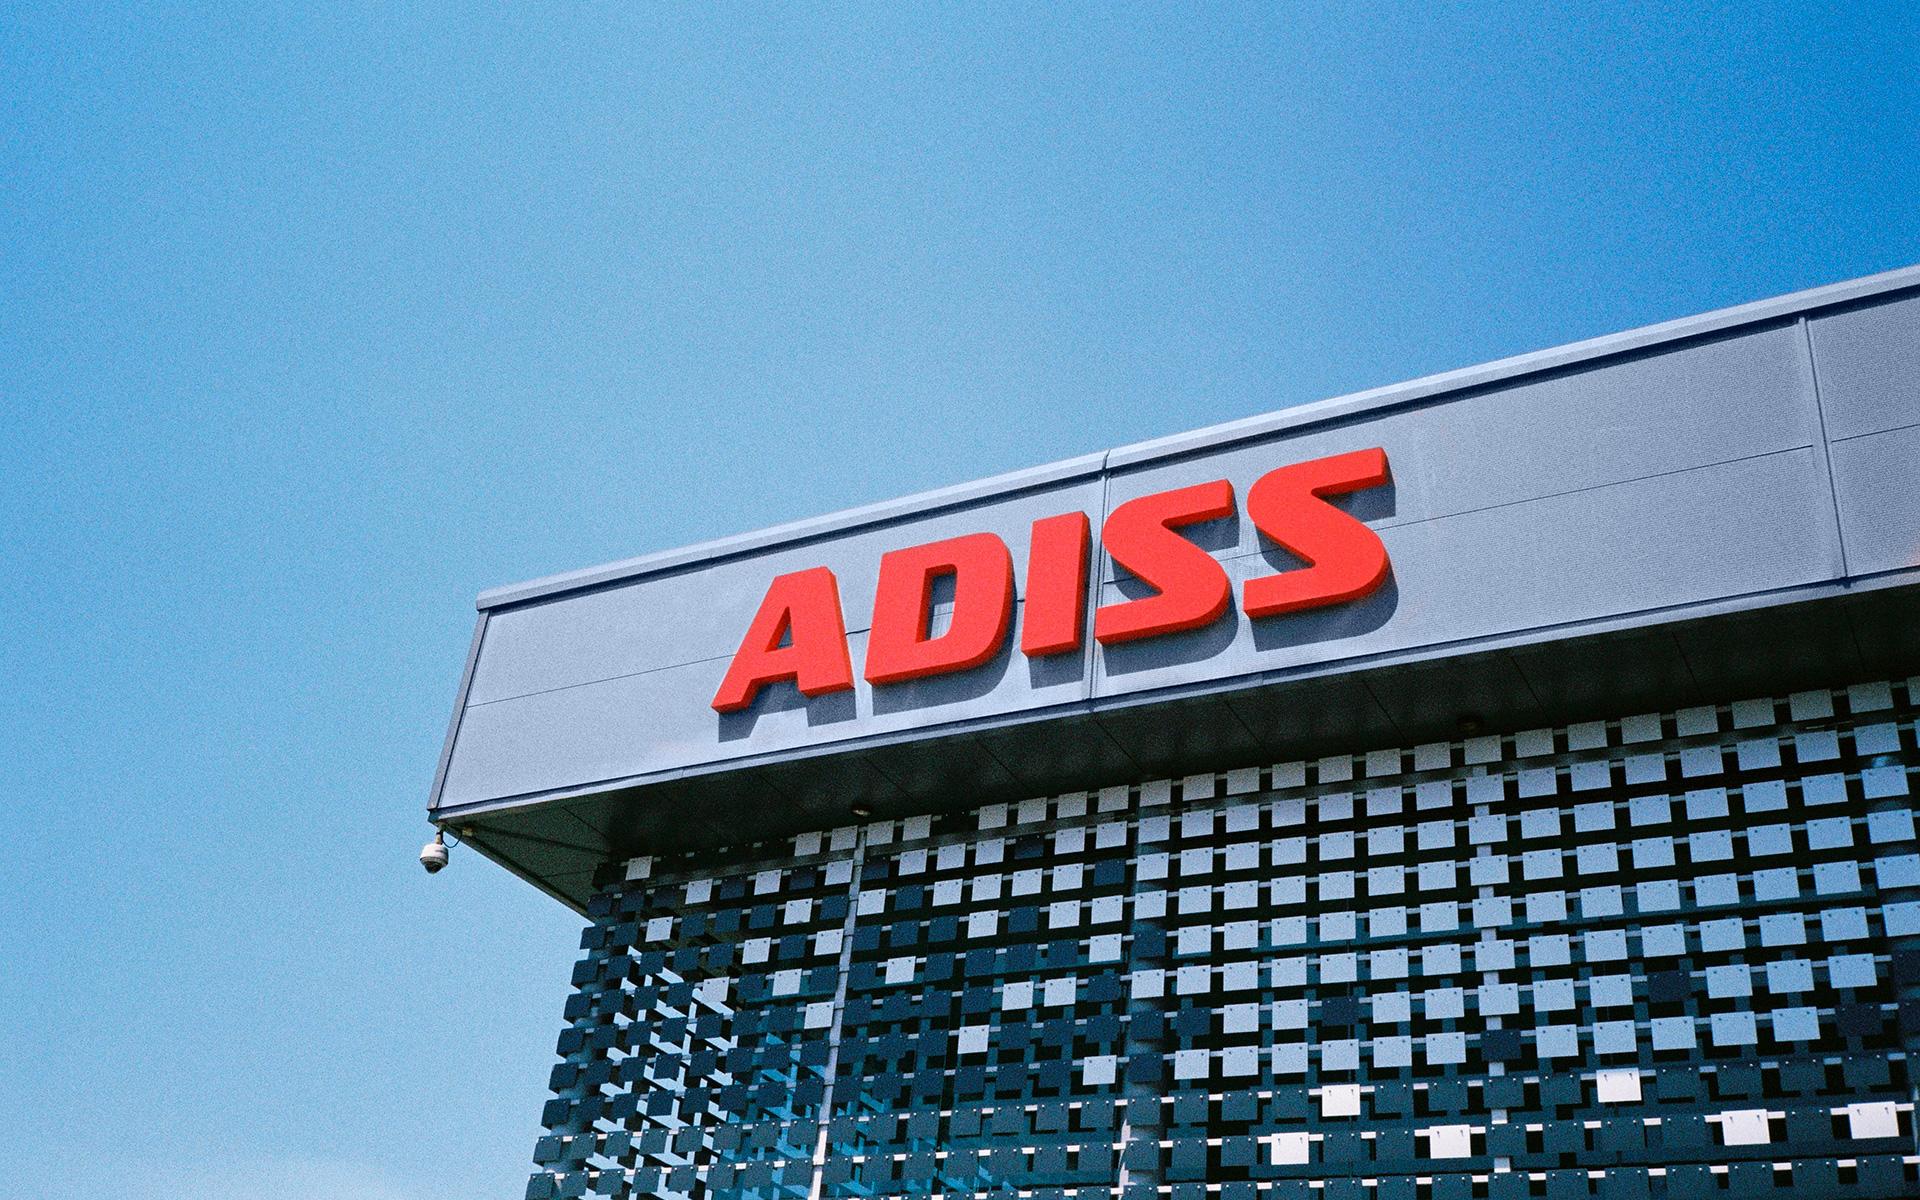 Adiss -